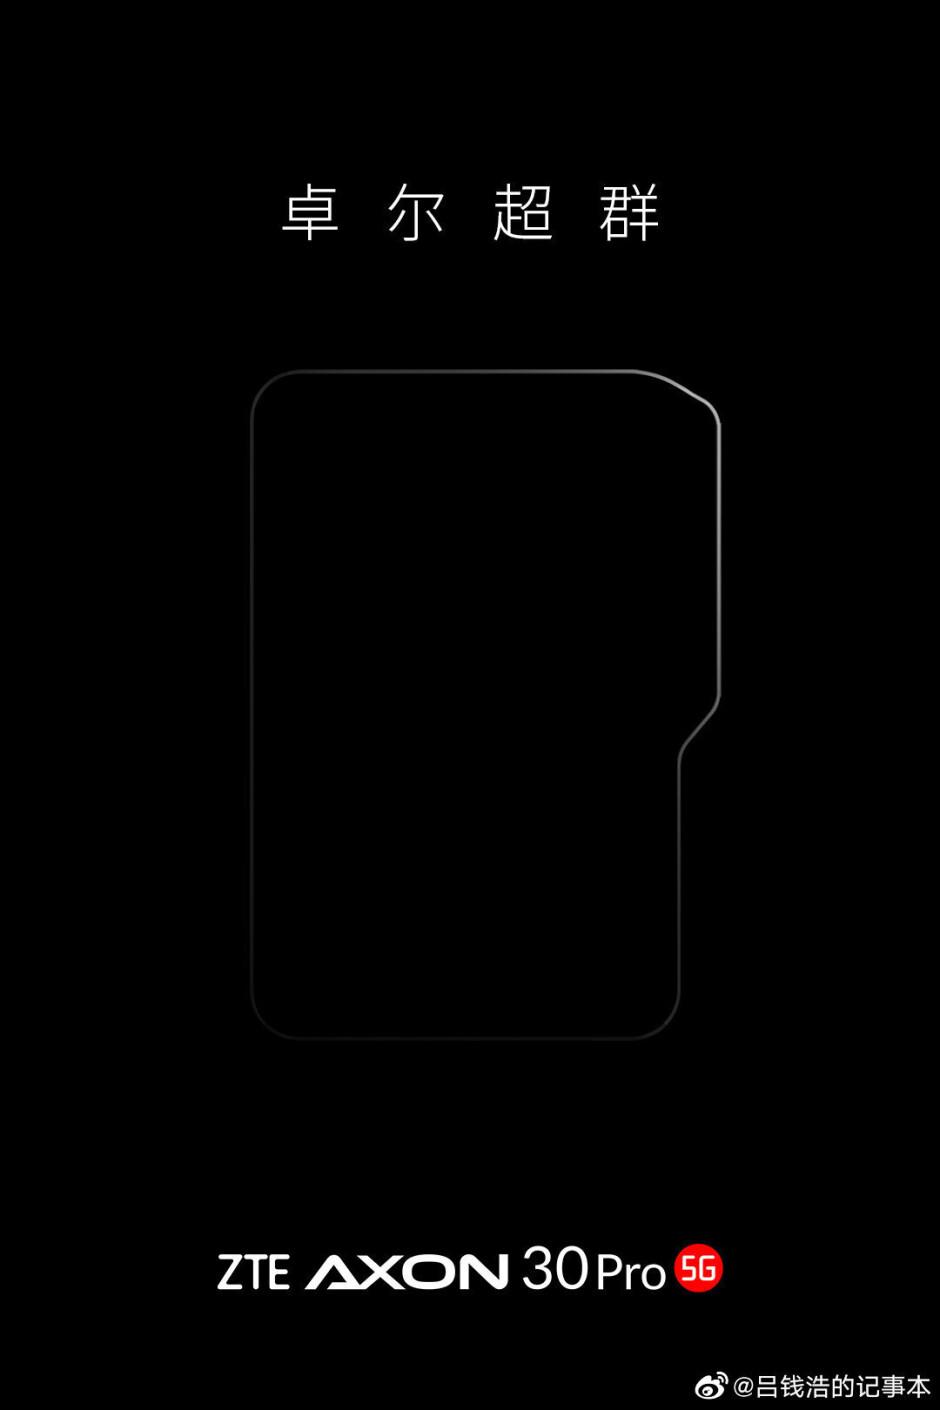 پوستر متنی ZTE Axon 30 pro 5G